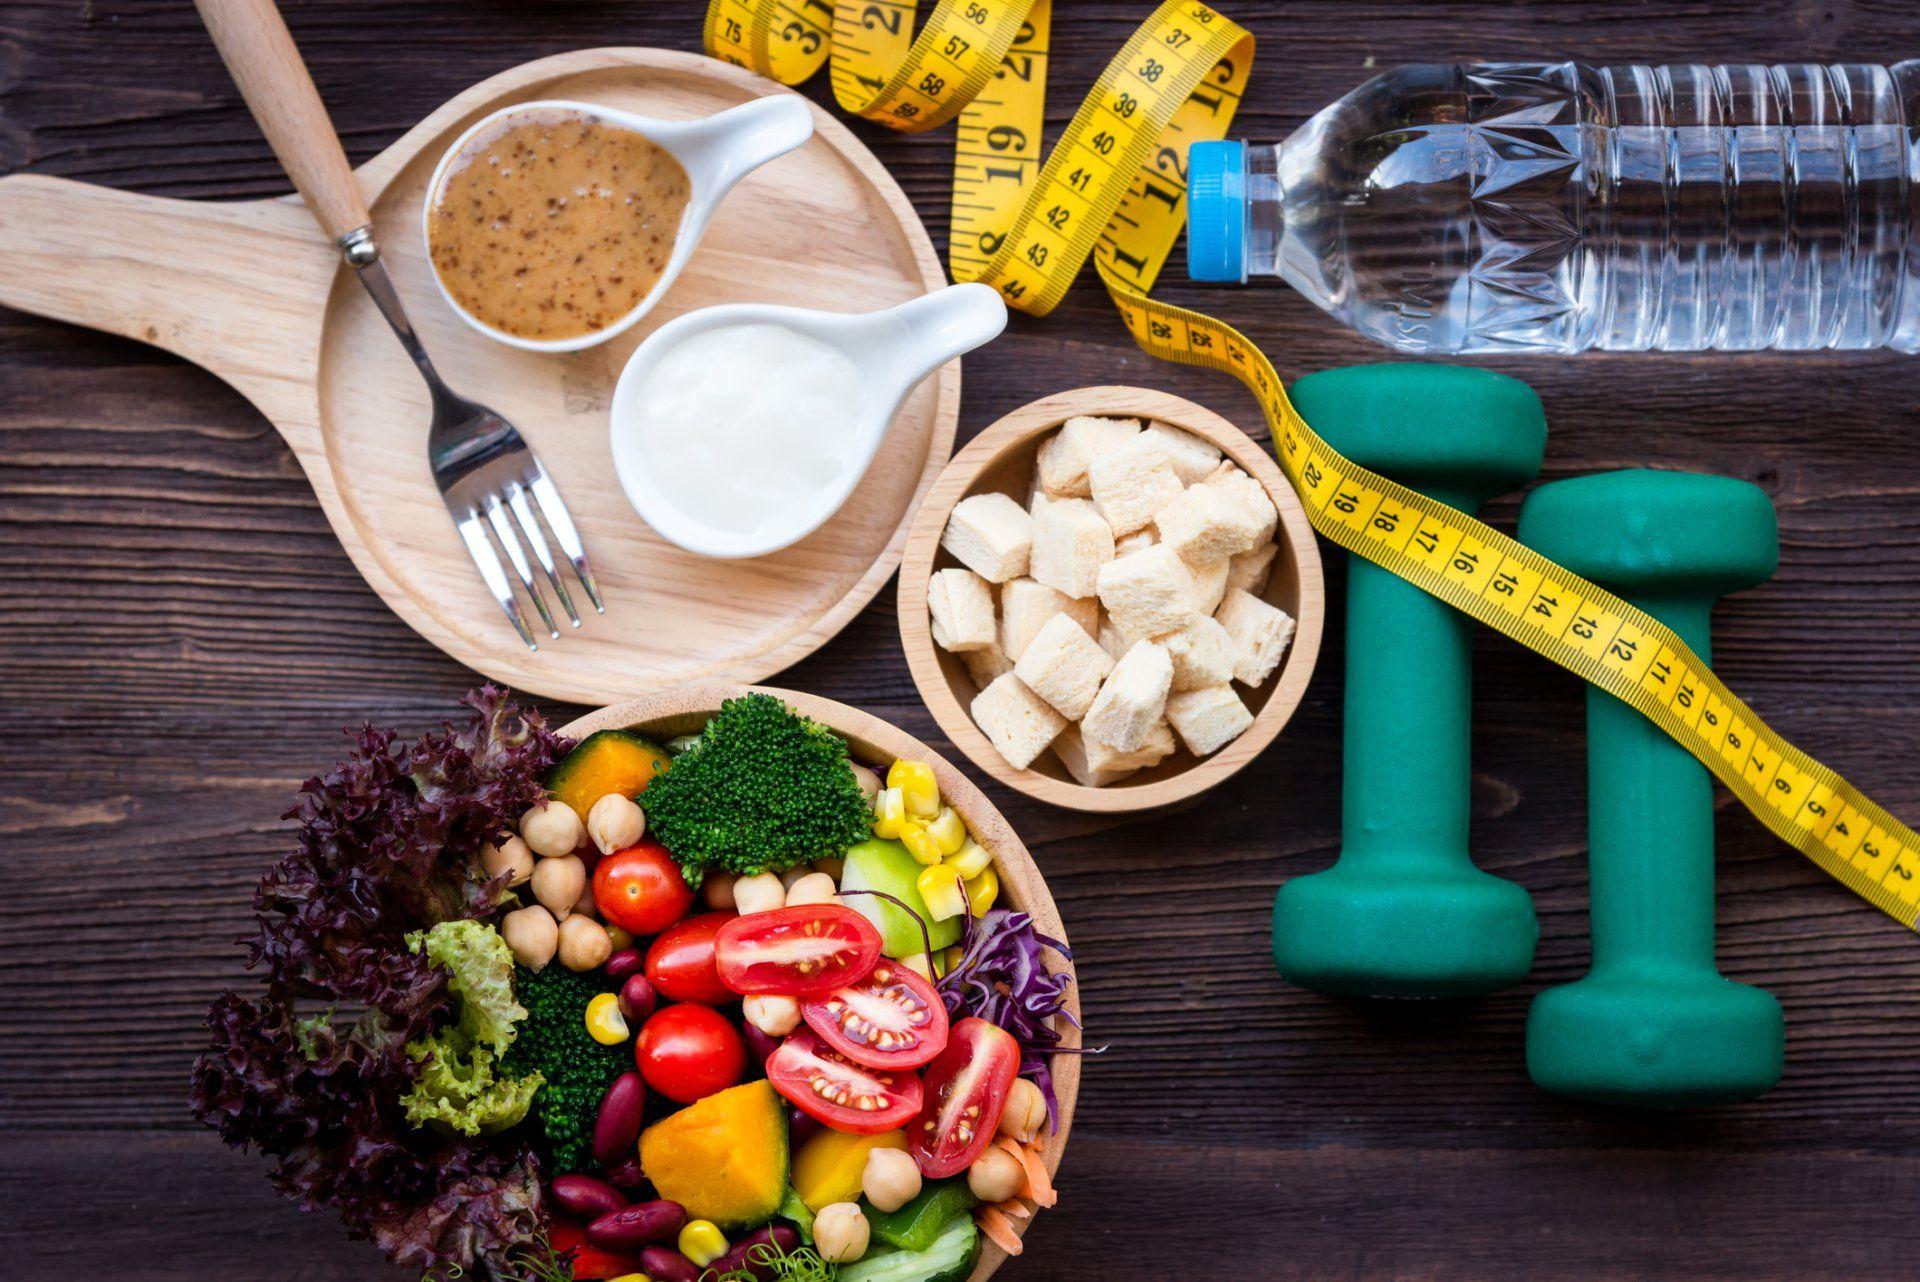 Il programma di perdita di peso metabolico è proprio quello che stai cercando